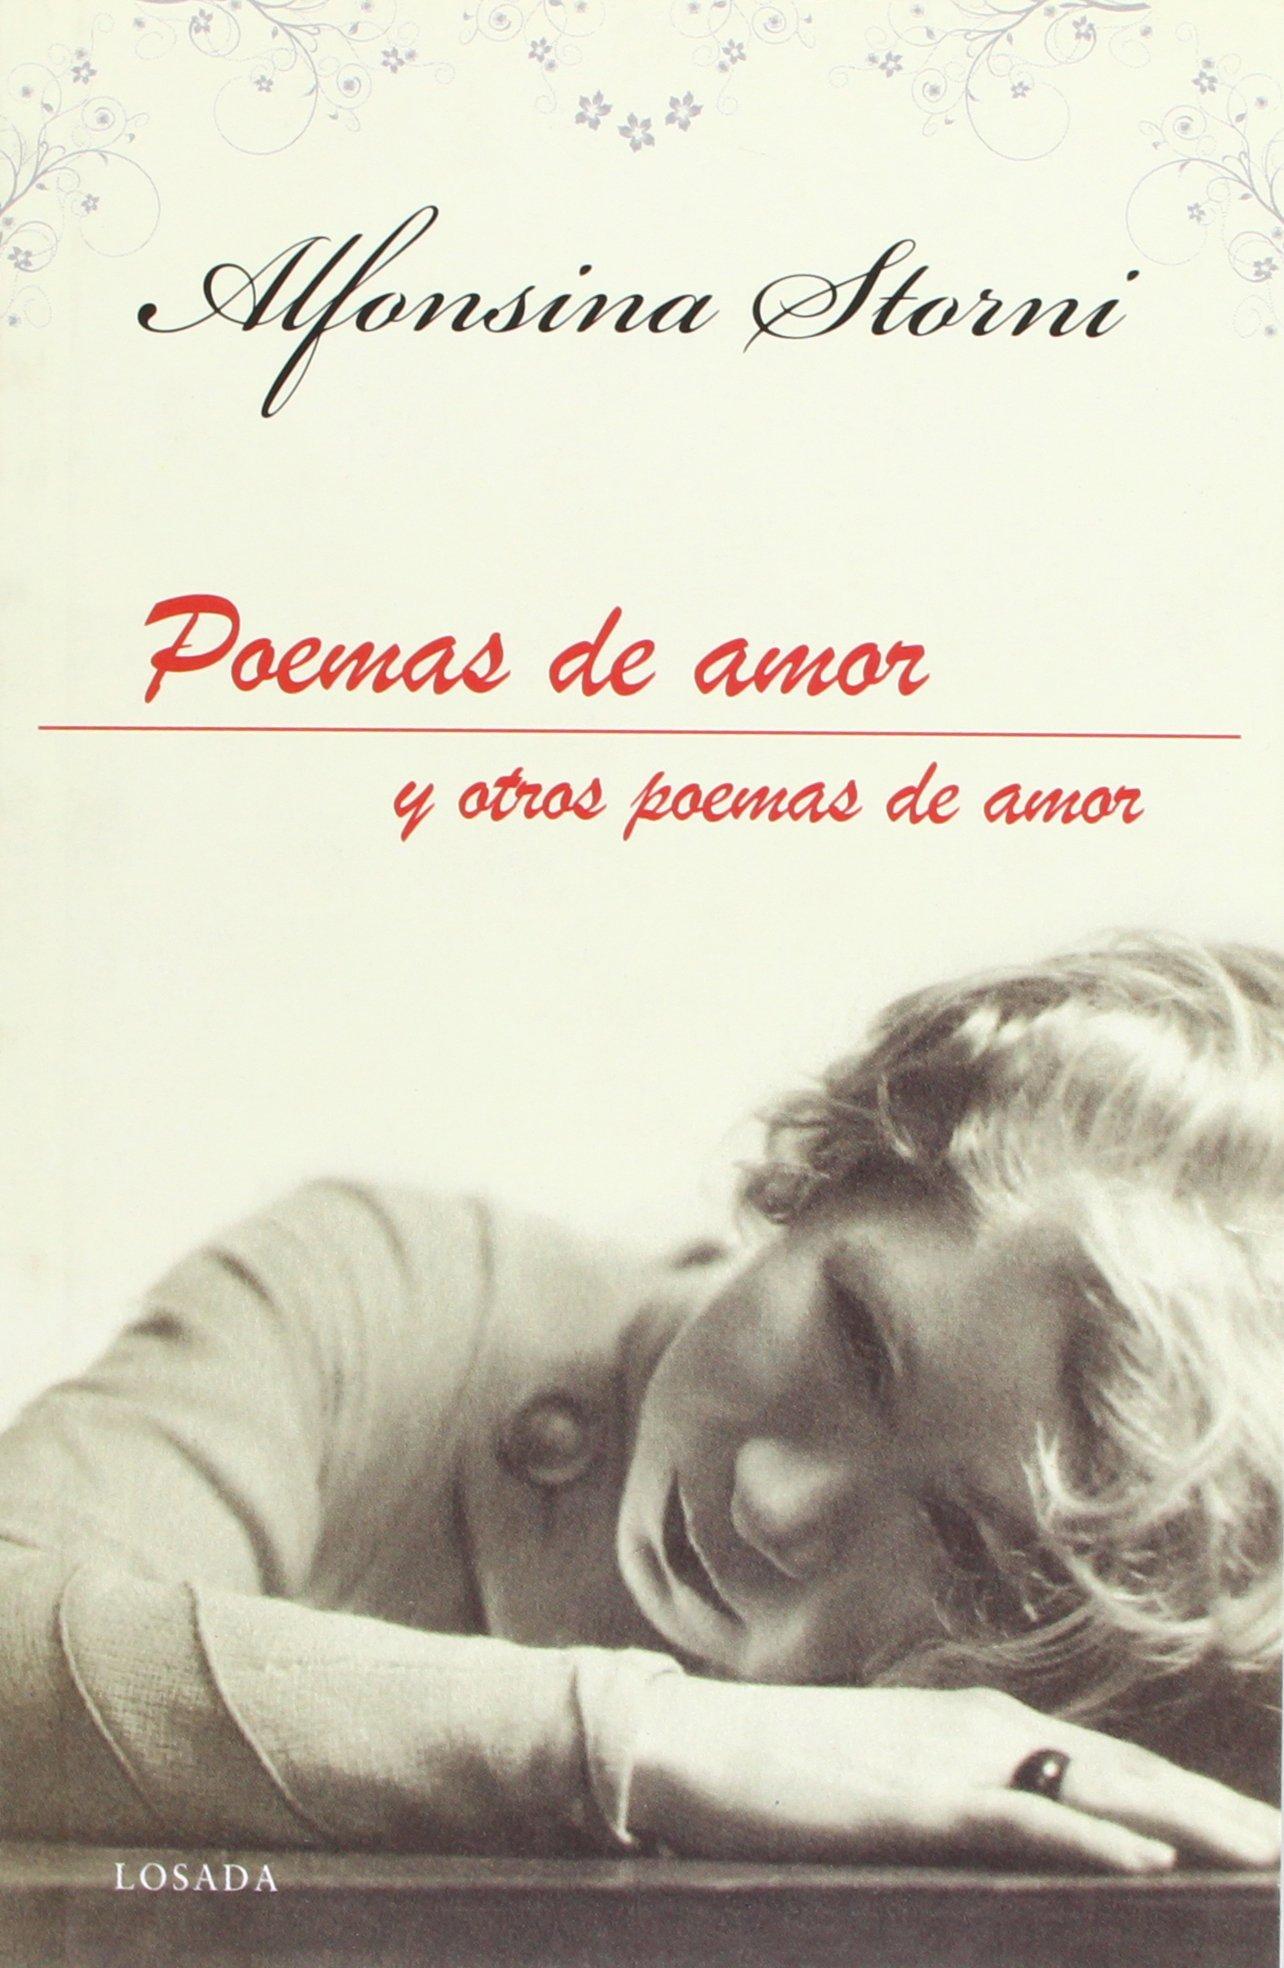 Poemas de amor y otros poemas de amor (Spanish Edition) (Spanish) Paperback – October 1, 2008